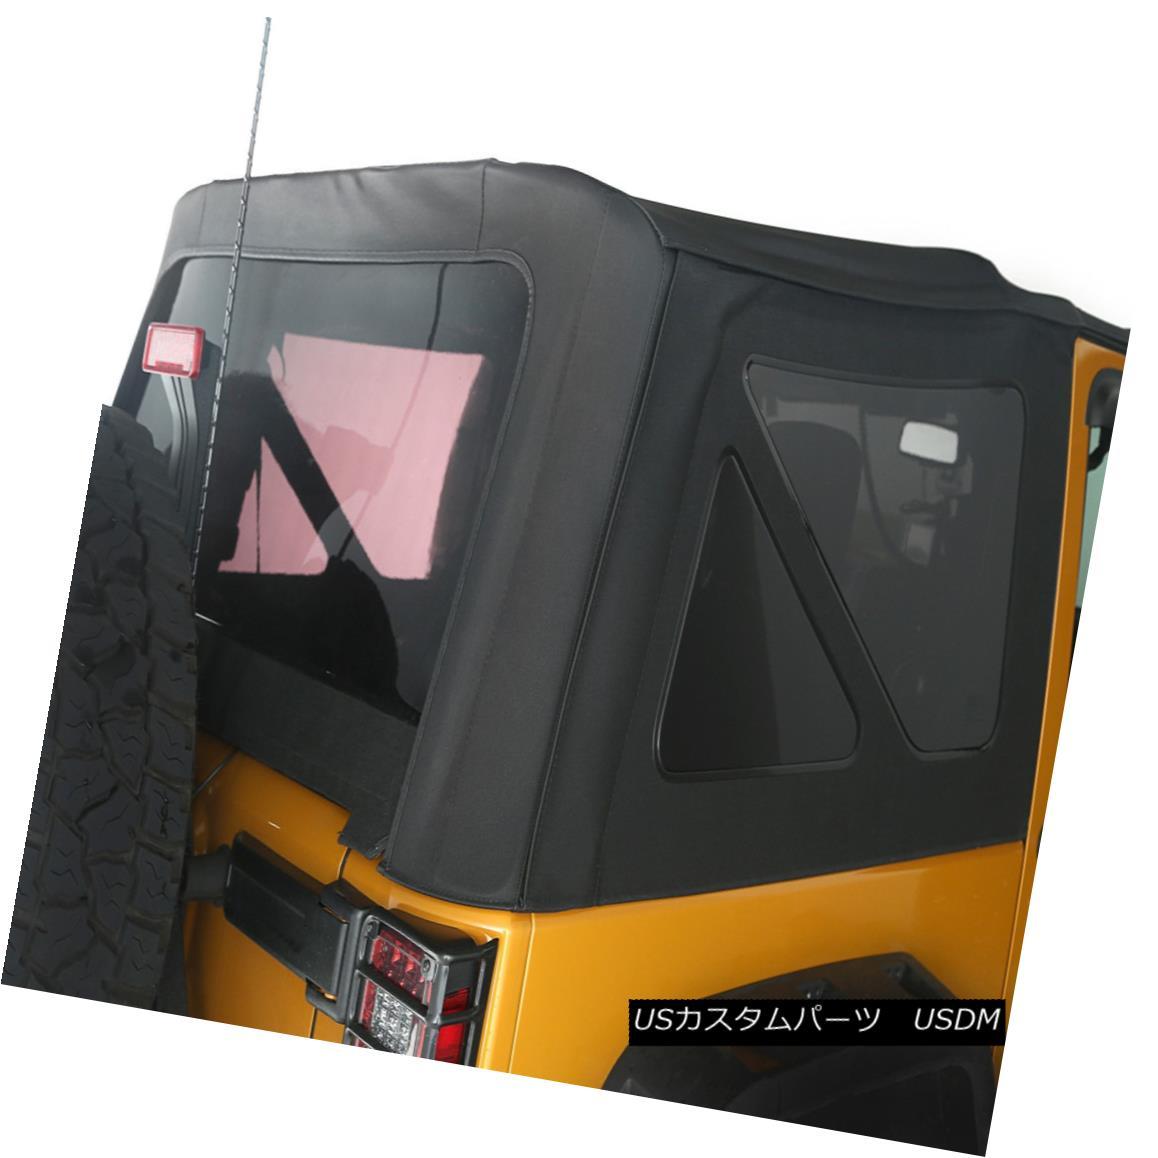 幌・ソフトトップ Black Diamond Sailcloth Soft Top 2Dr Jeep Wrangler JK 2010-2017 13737.01 ブラックダイヤモンド帆布ソフトトップ2DrジープラングラーJK 2010-2017 13737.01